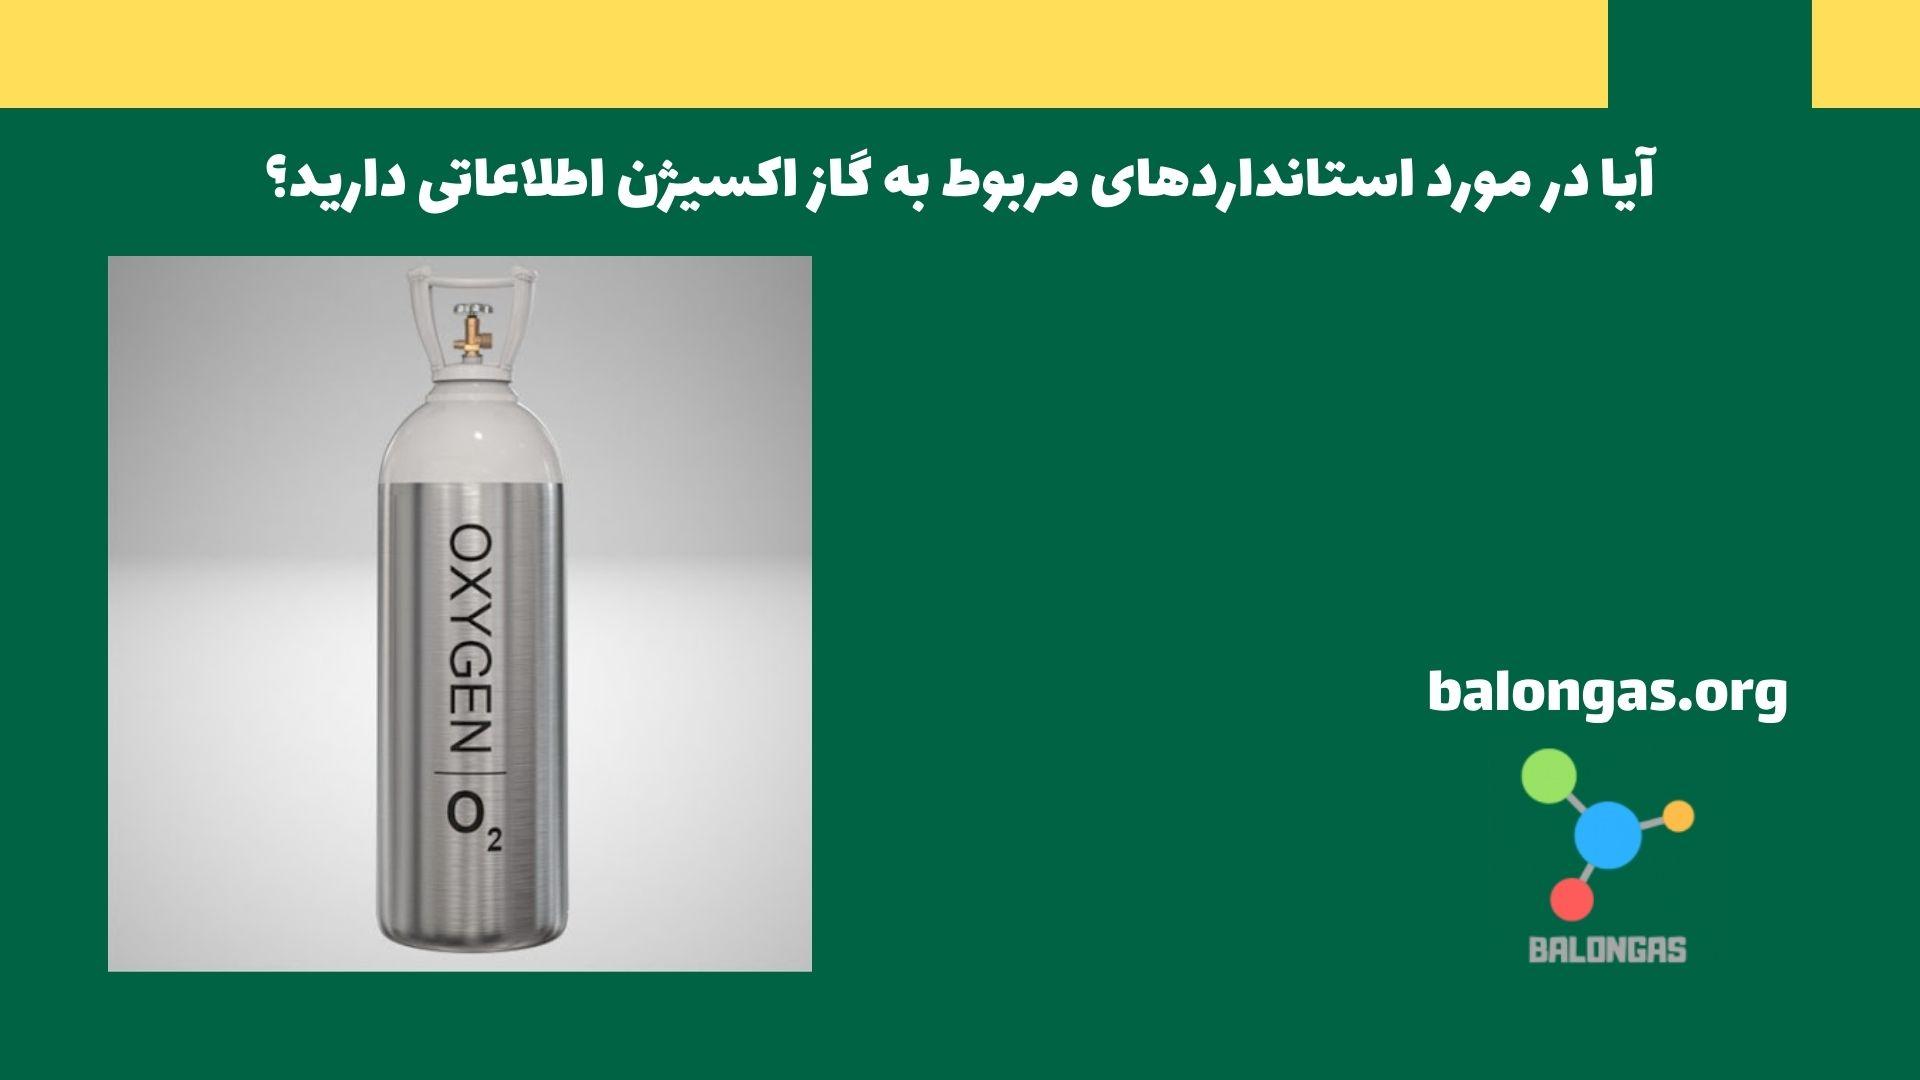 آیا در مورد استانداردهای مربوط به گاز اکسیژن اطلاعاتی دارید؟